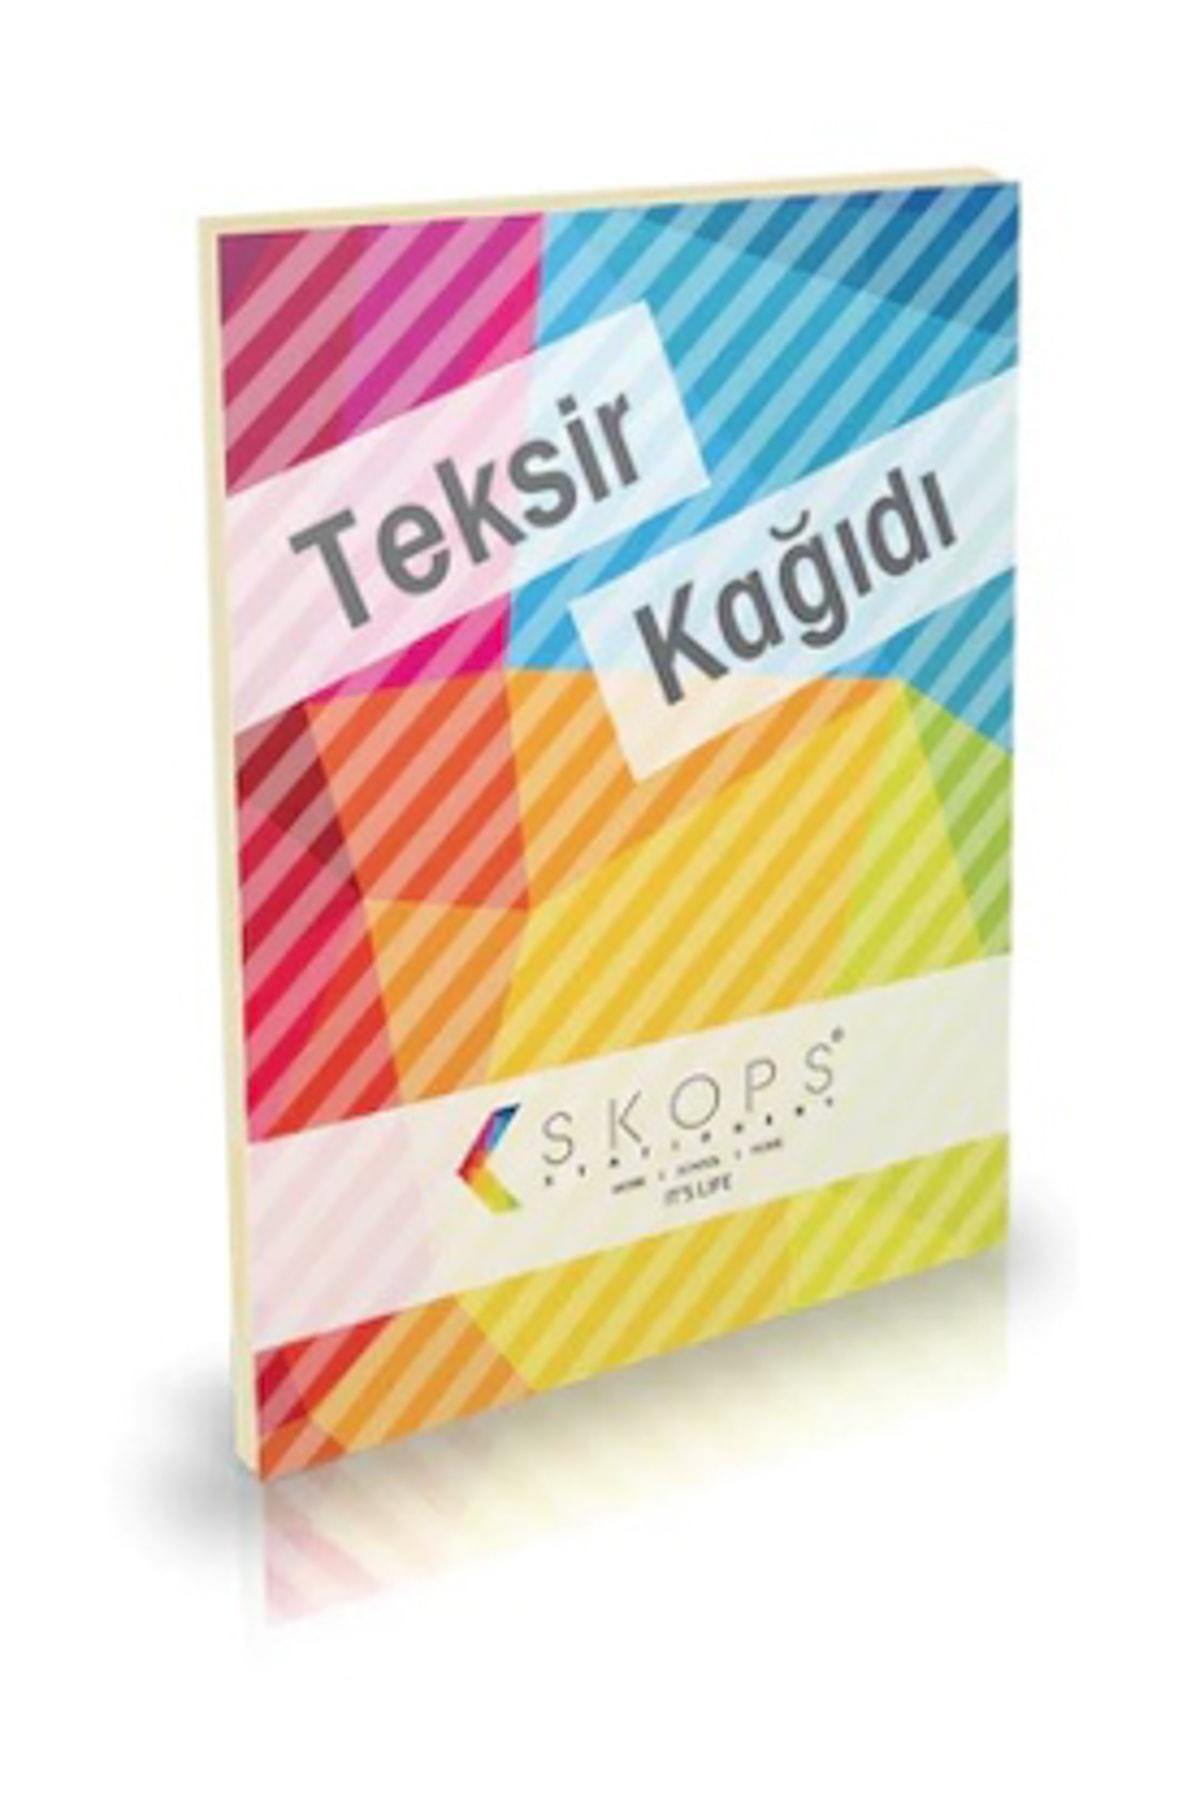 Hobi24 Yayınları Teksir Kağıdı 20x28cm 52 Gram - 200 Yaprak 1